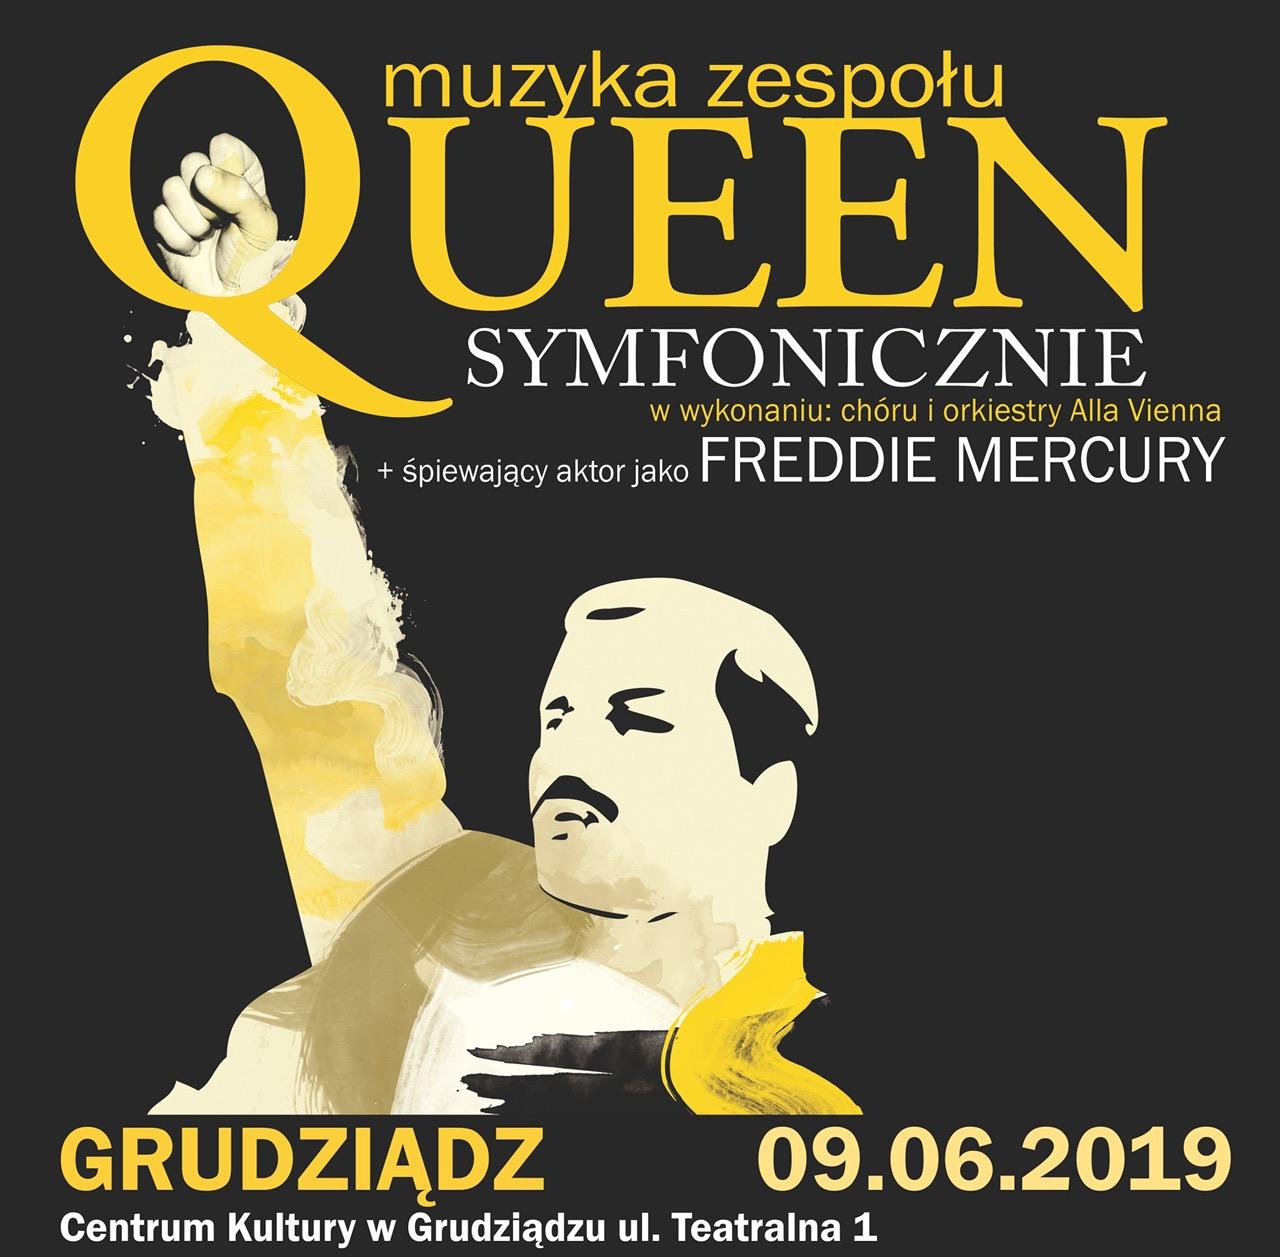 Queen symfonicznie (2)